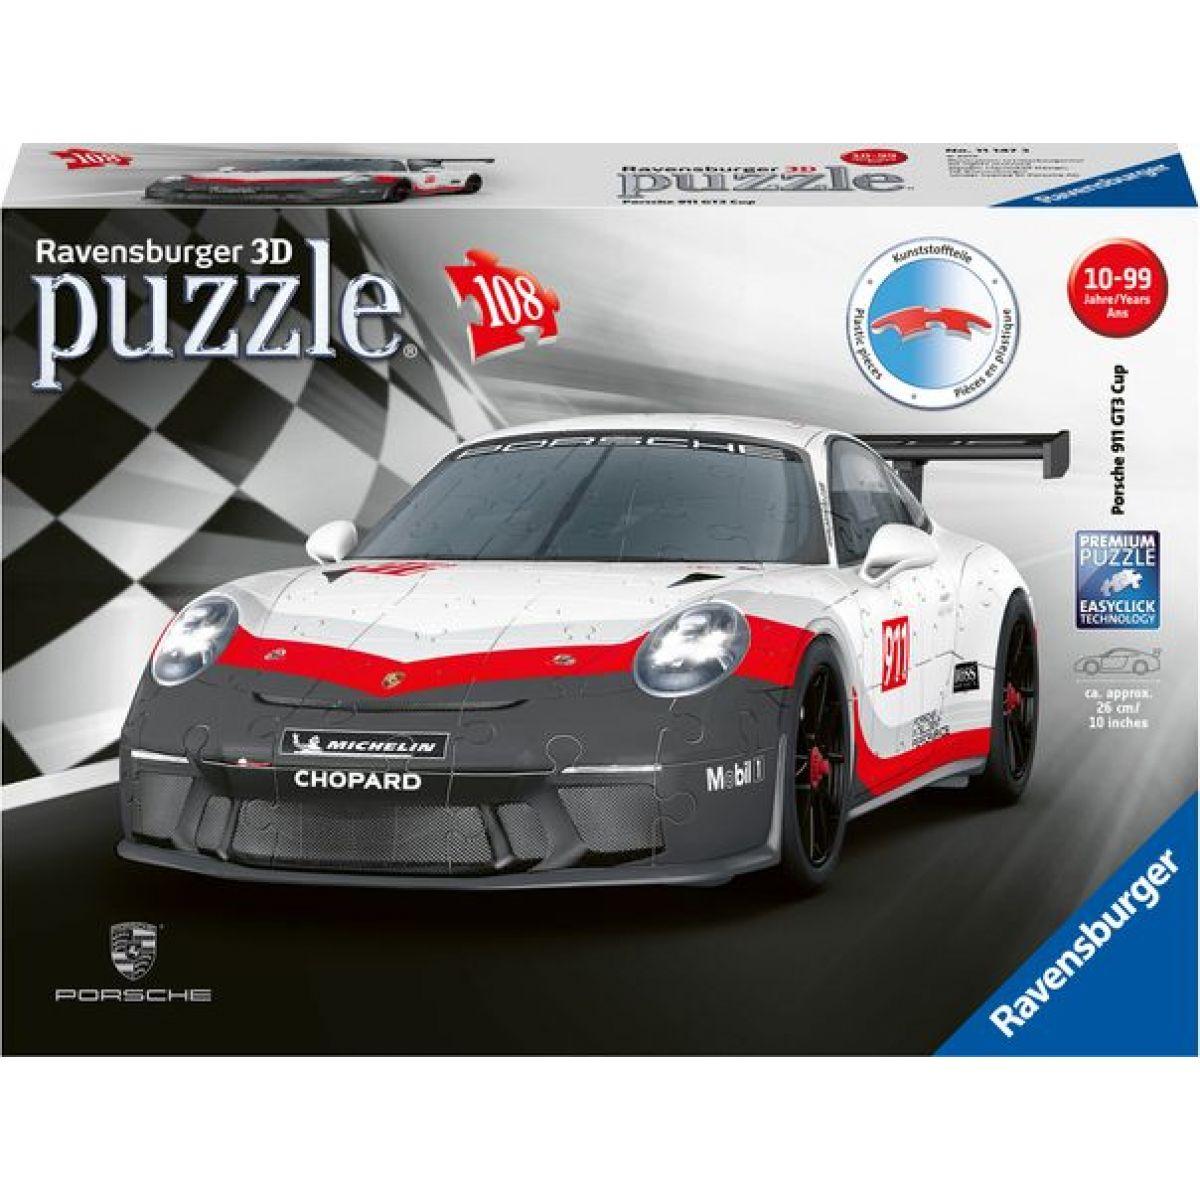 Ravensburger 3D Puzzle 111473 Porsche GT3 Cup 108 dílků